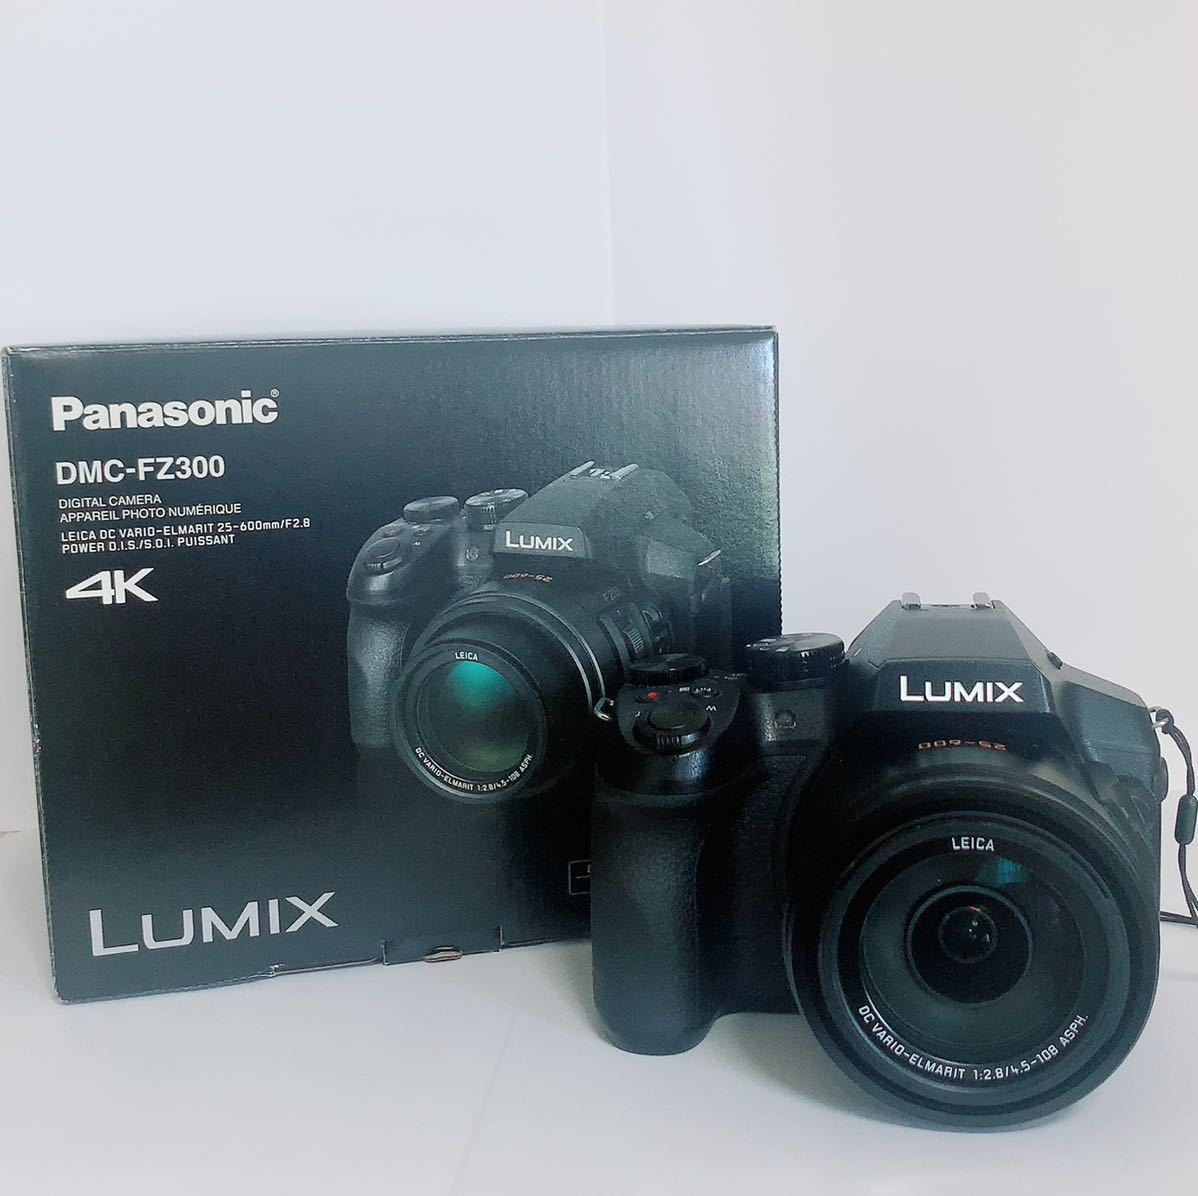 1スタ LUMIX(ルミックス) DMC-FZ300 4K コンパクトデジタルカメラ ブラック バッテリー2個付き Panasonic 箱付 中古